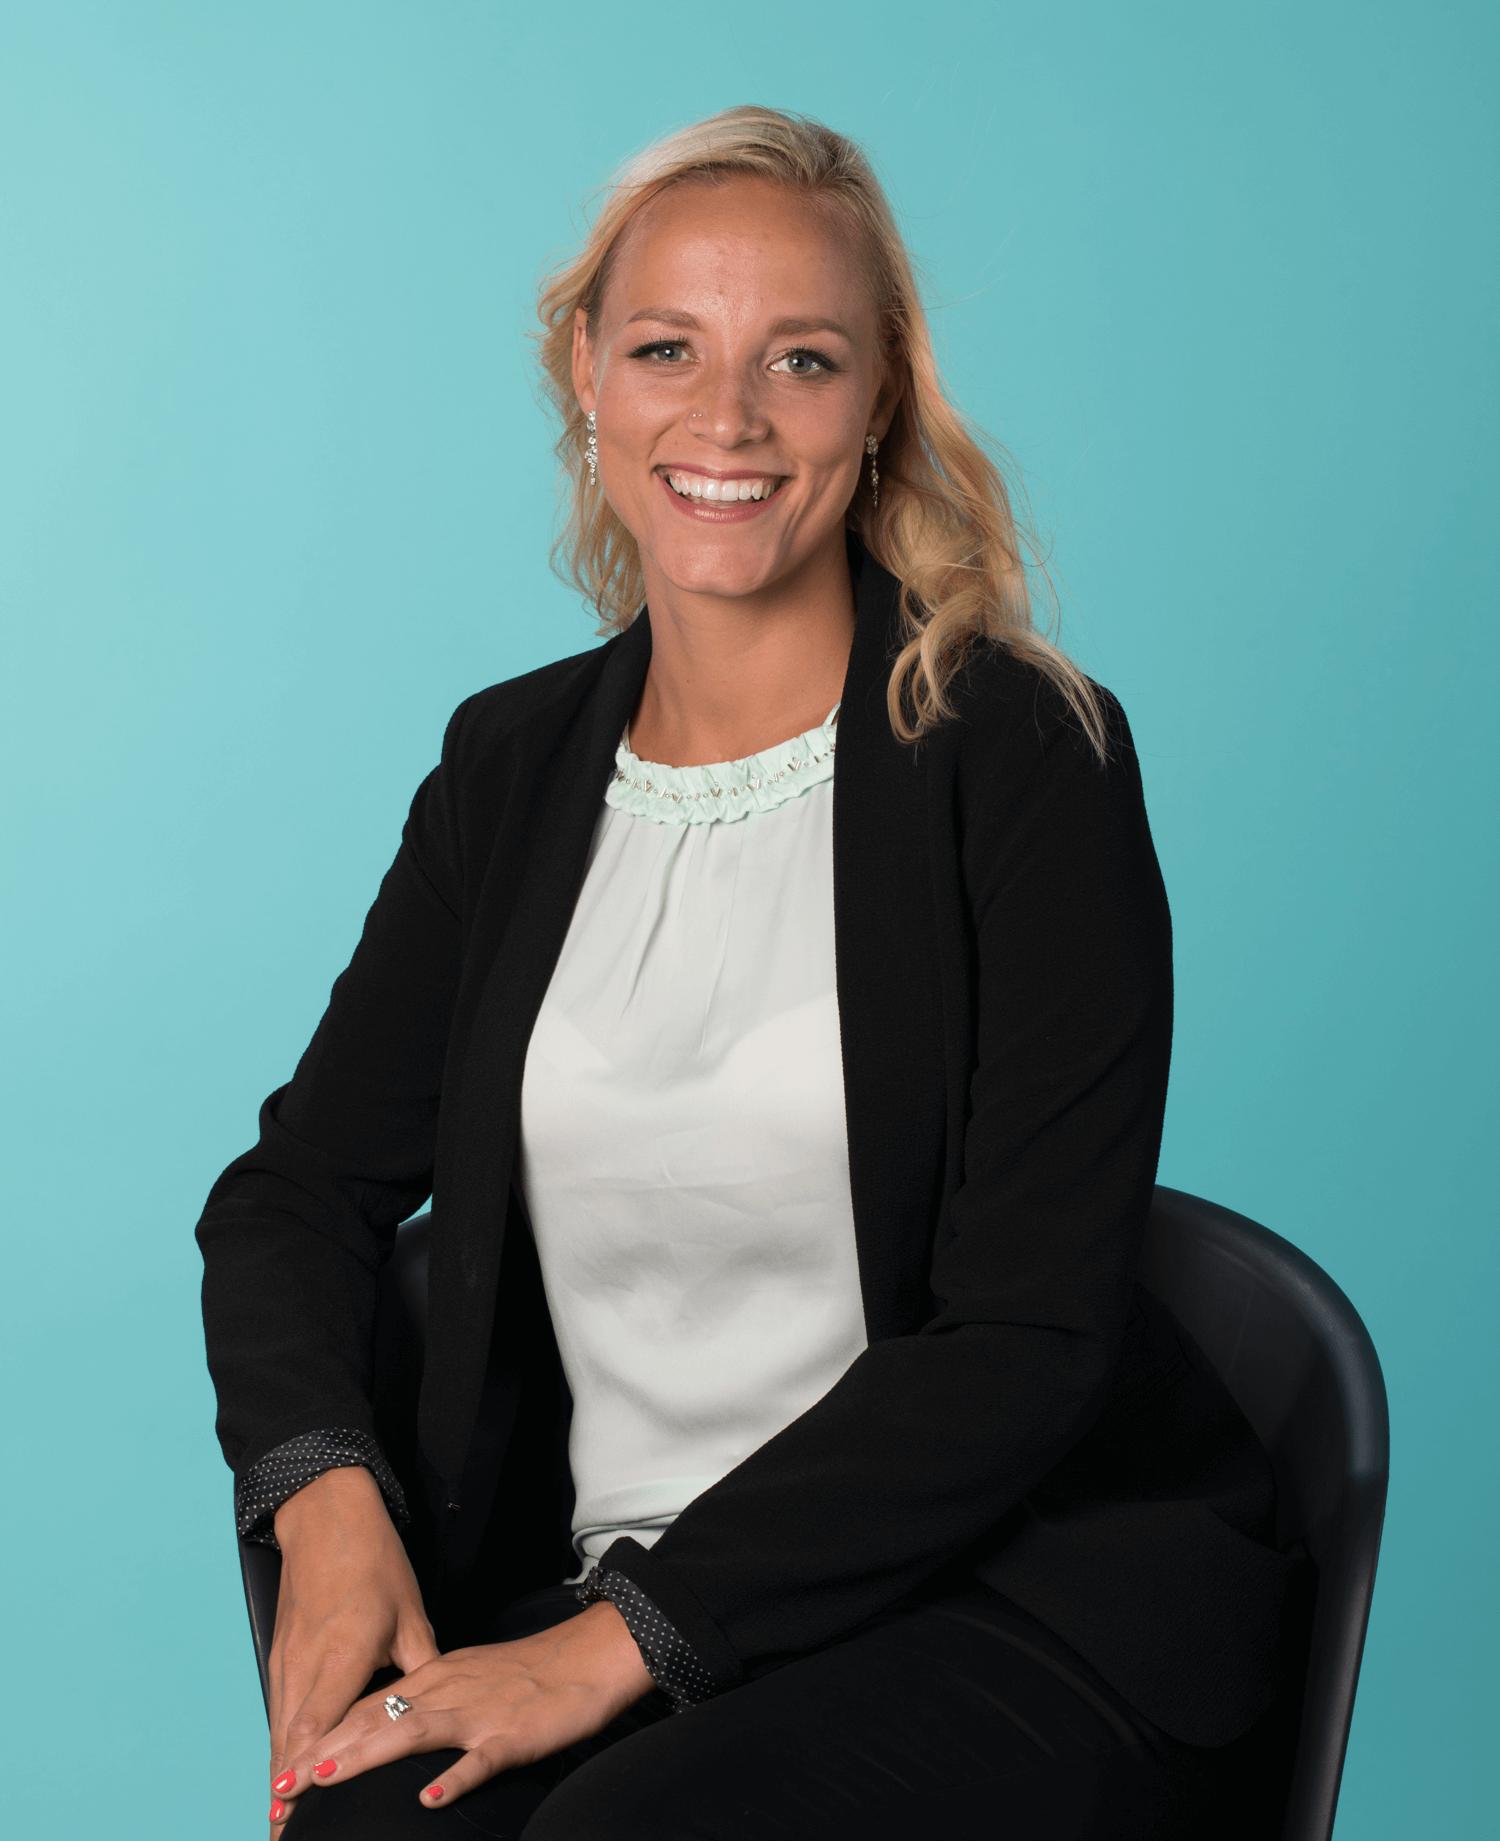 Social Selling Expertin - Janaina von Moos